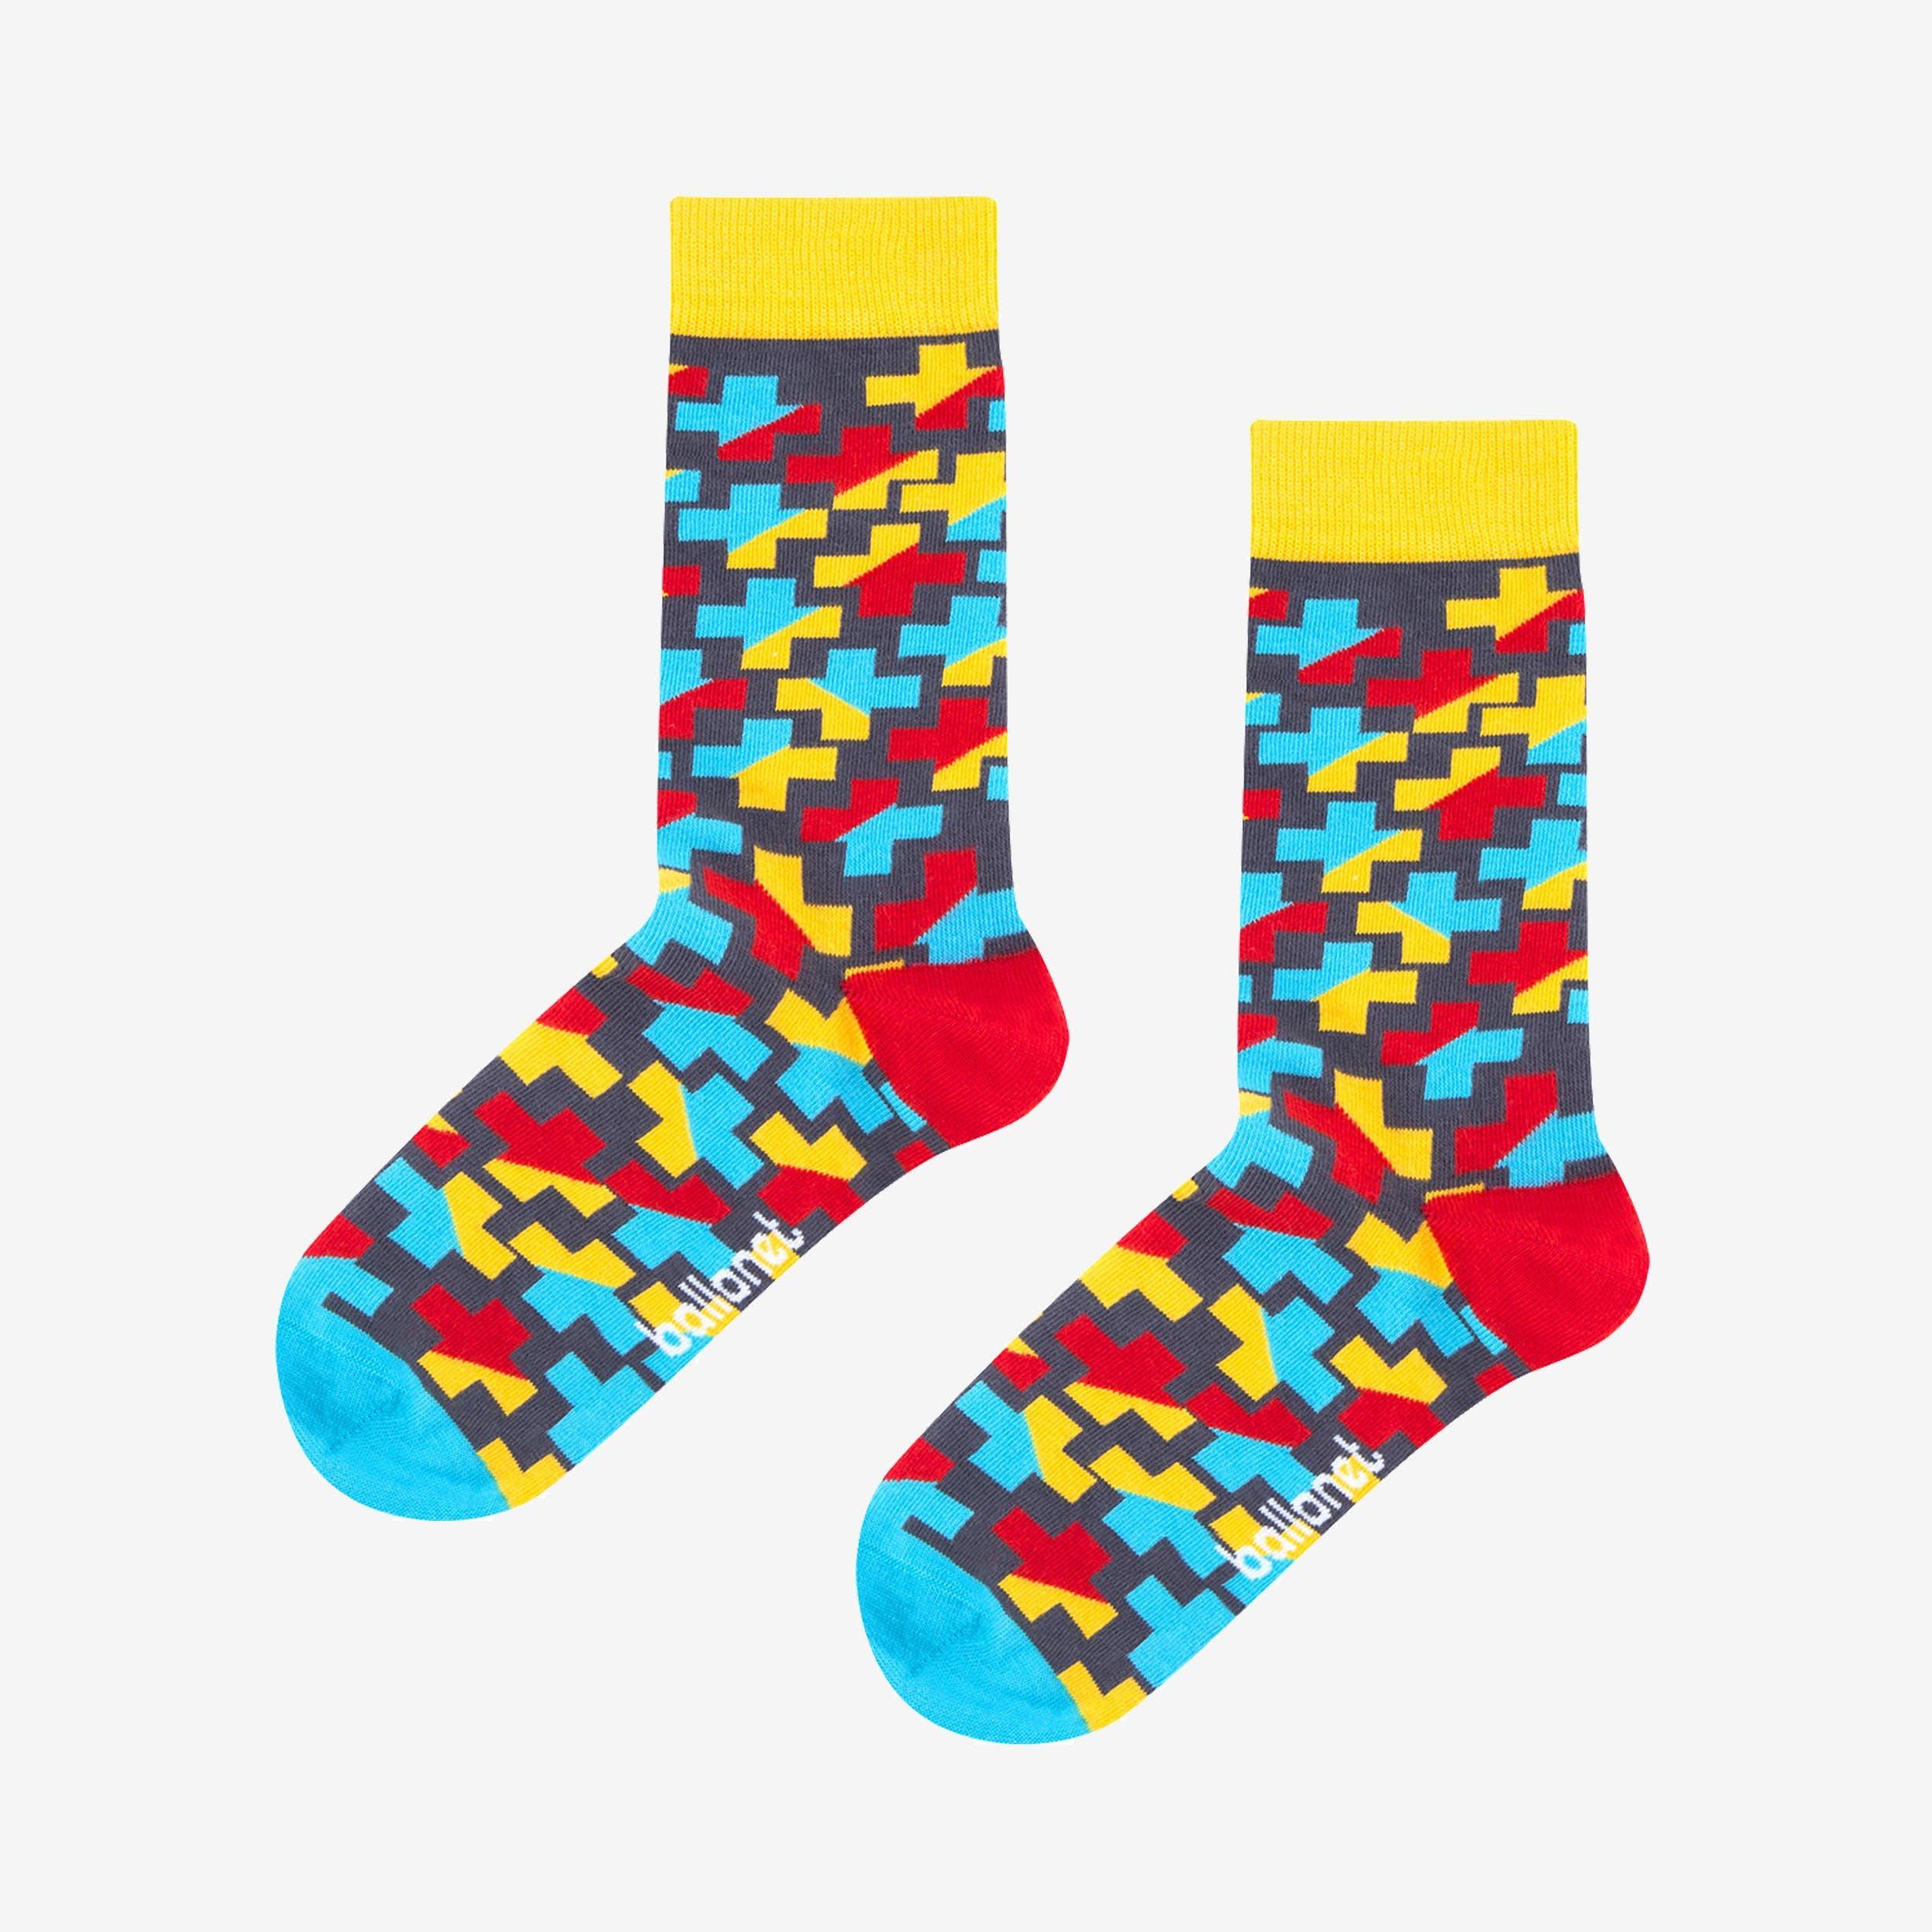 Plus Socks